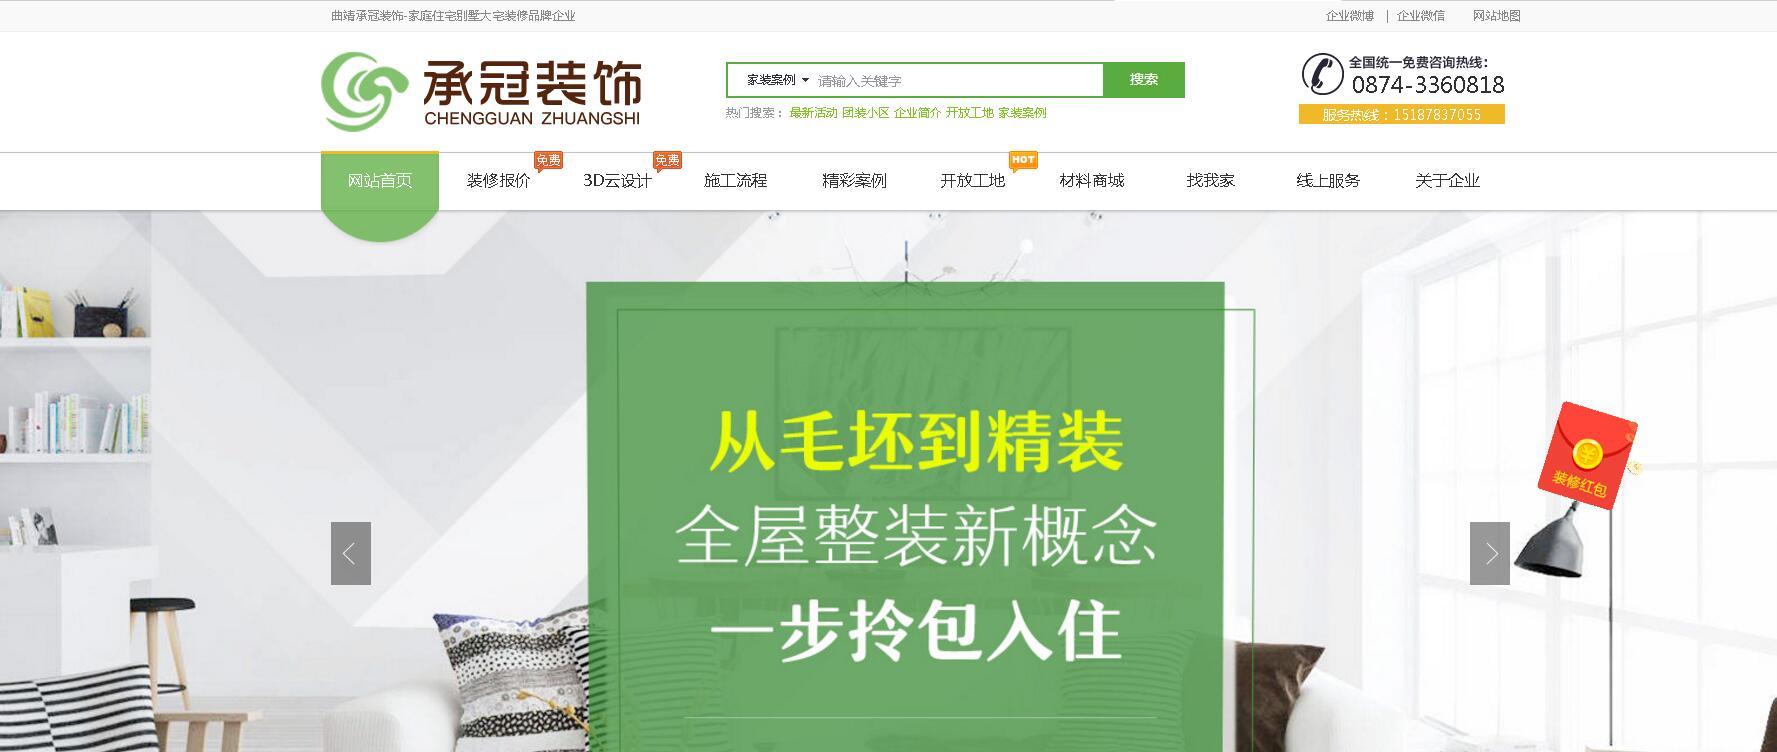 乐后屋装企营销平台热烈祝贺曲靖承冠装饰2018新版官方网站上线